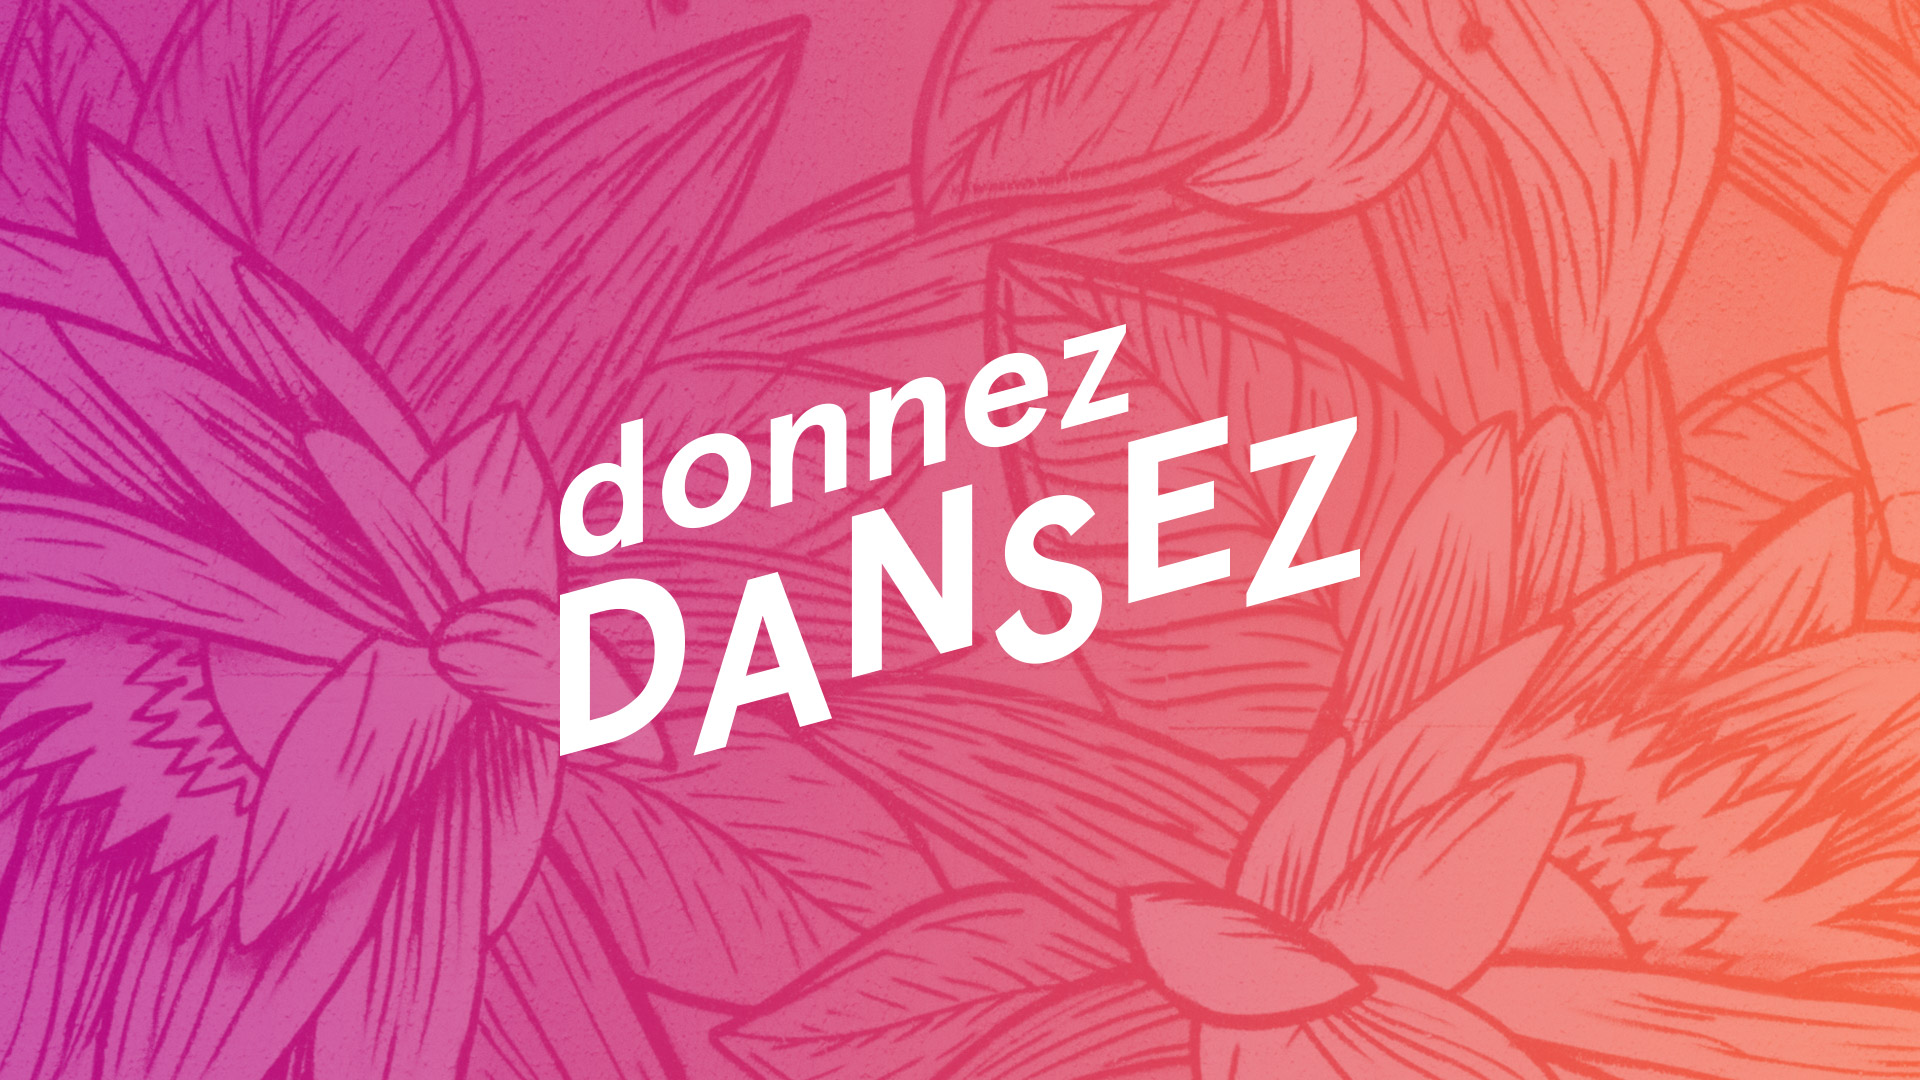 Donnez-dansez 2021 Agora de la danse + Tangente